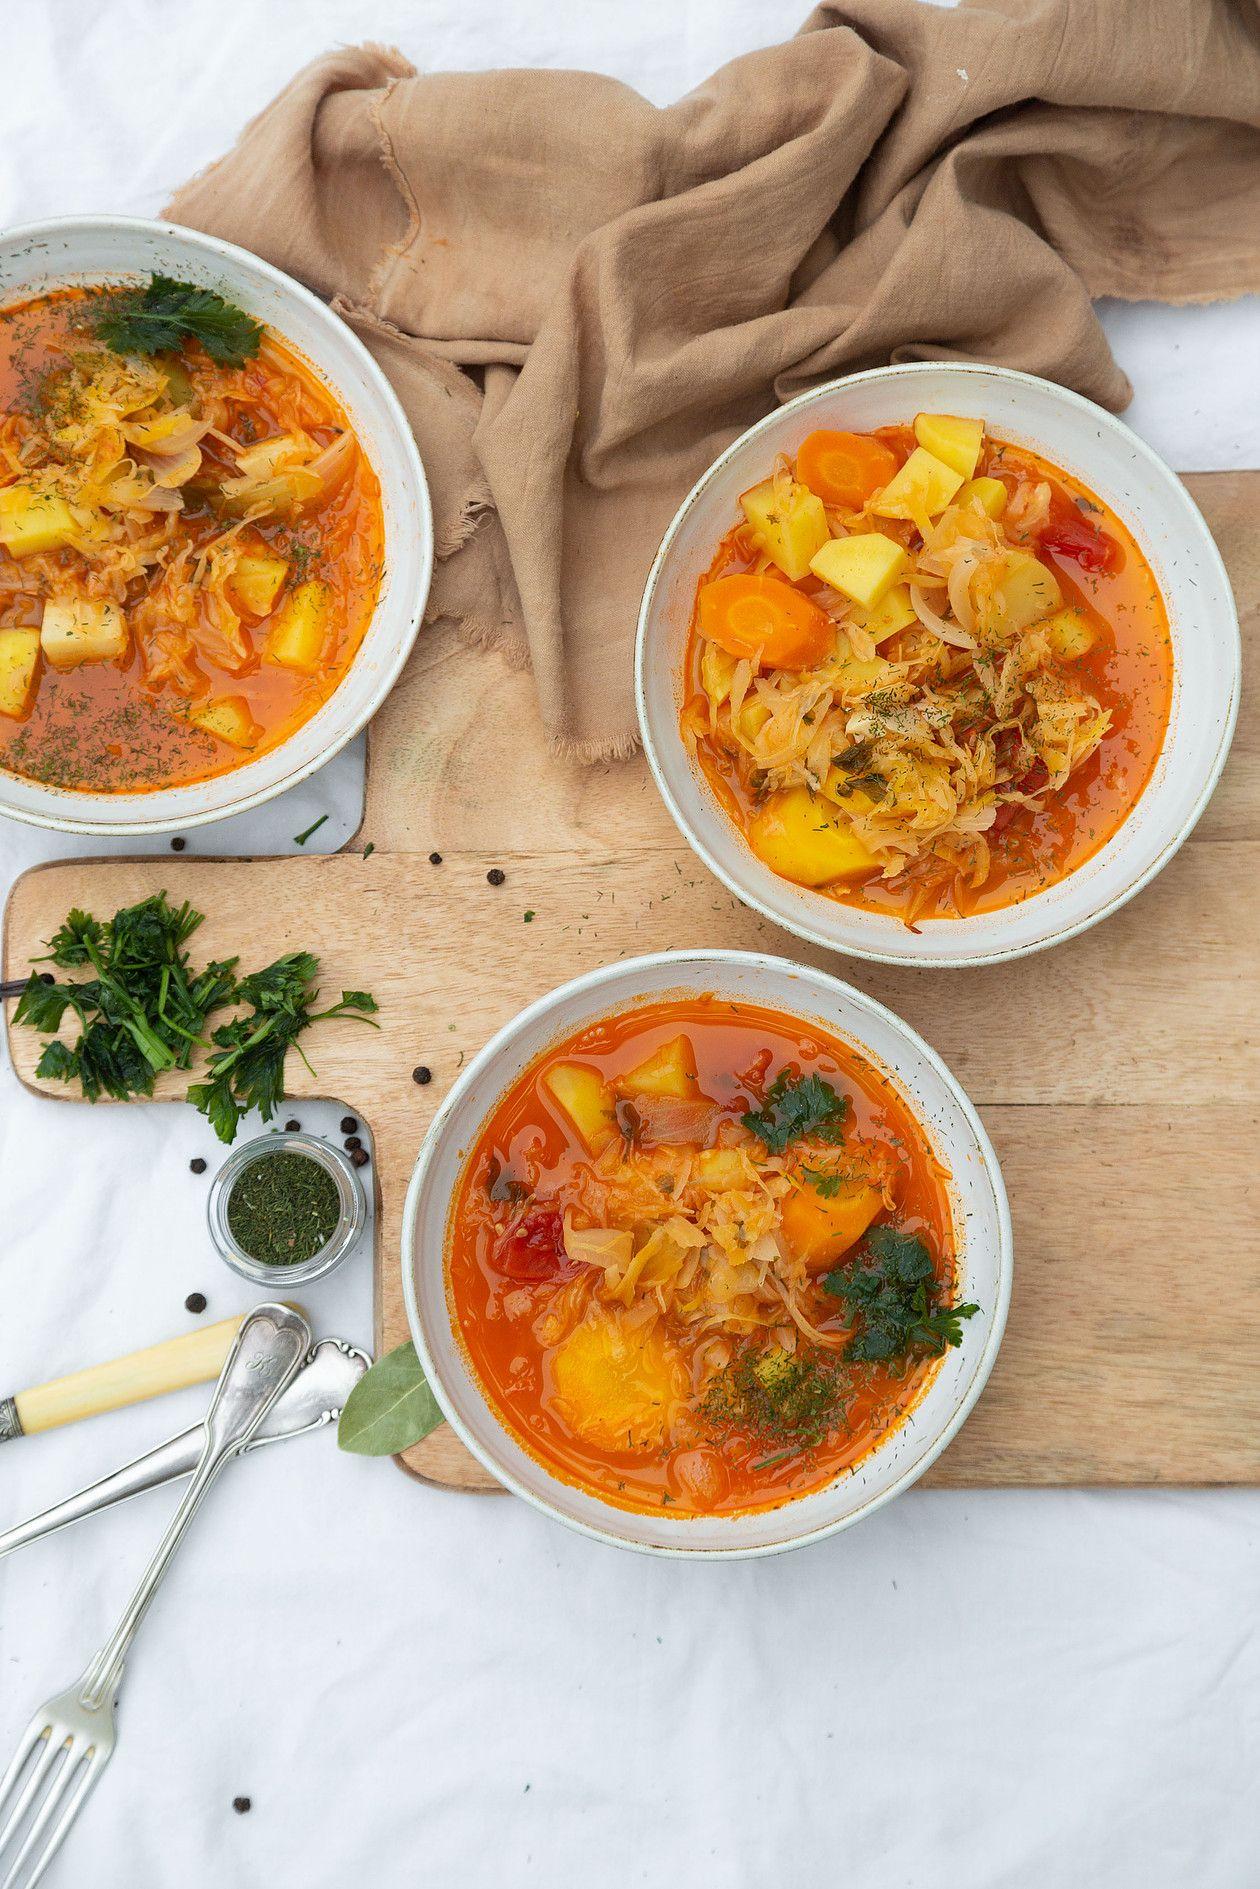 Polnische Sauerkraut Suppe Vegan Vegane Rezepte Sauerkrautsuppe Vegetarische Rezepte